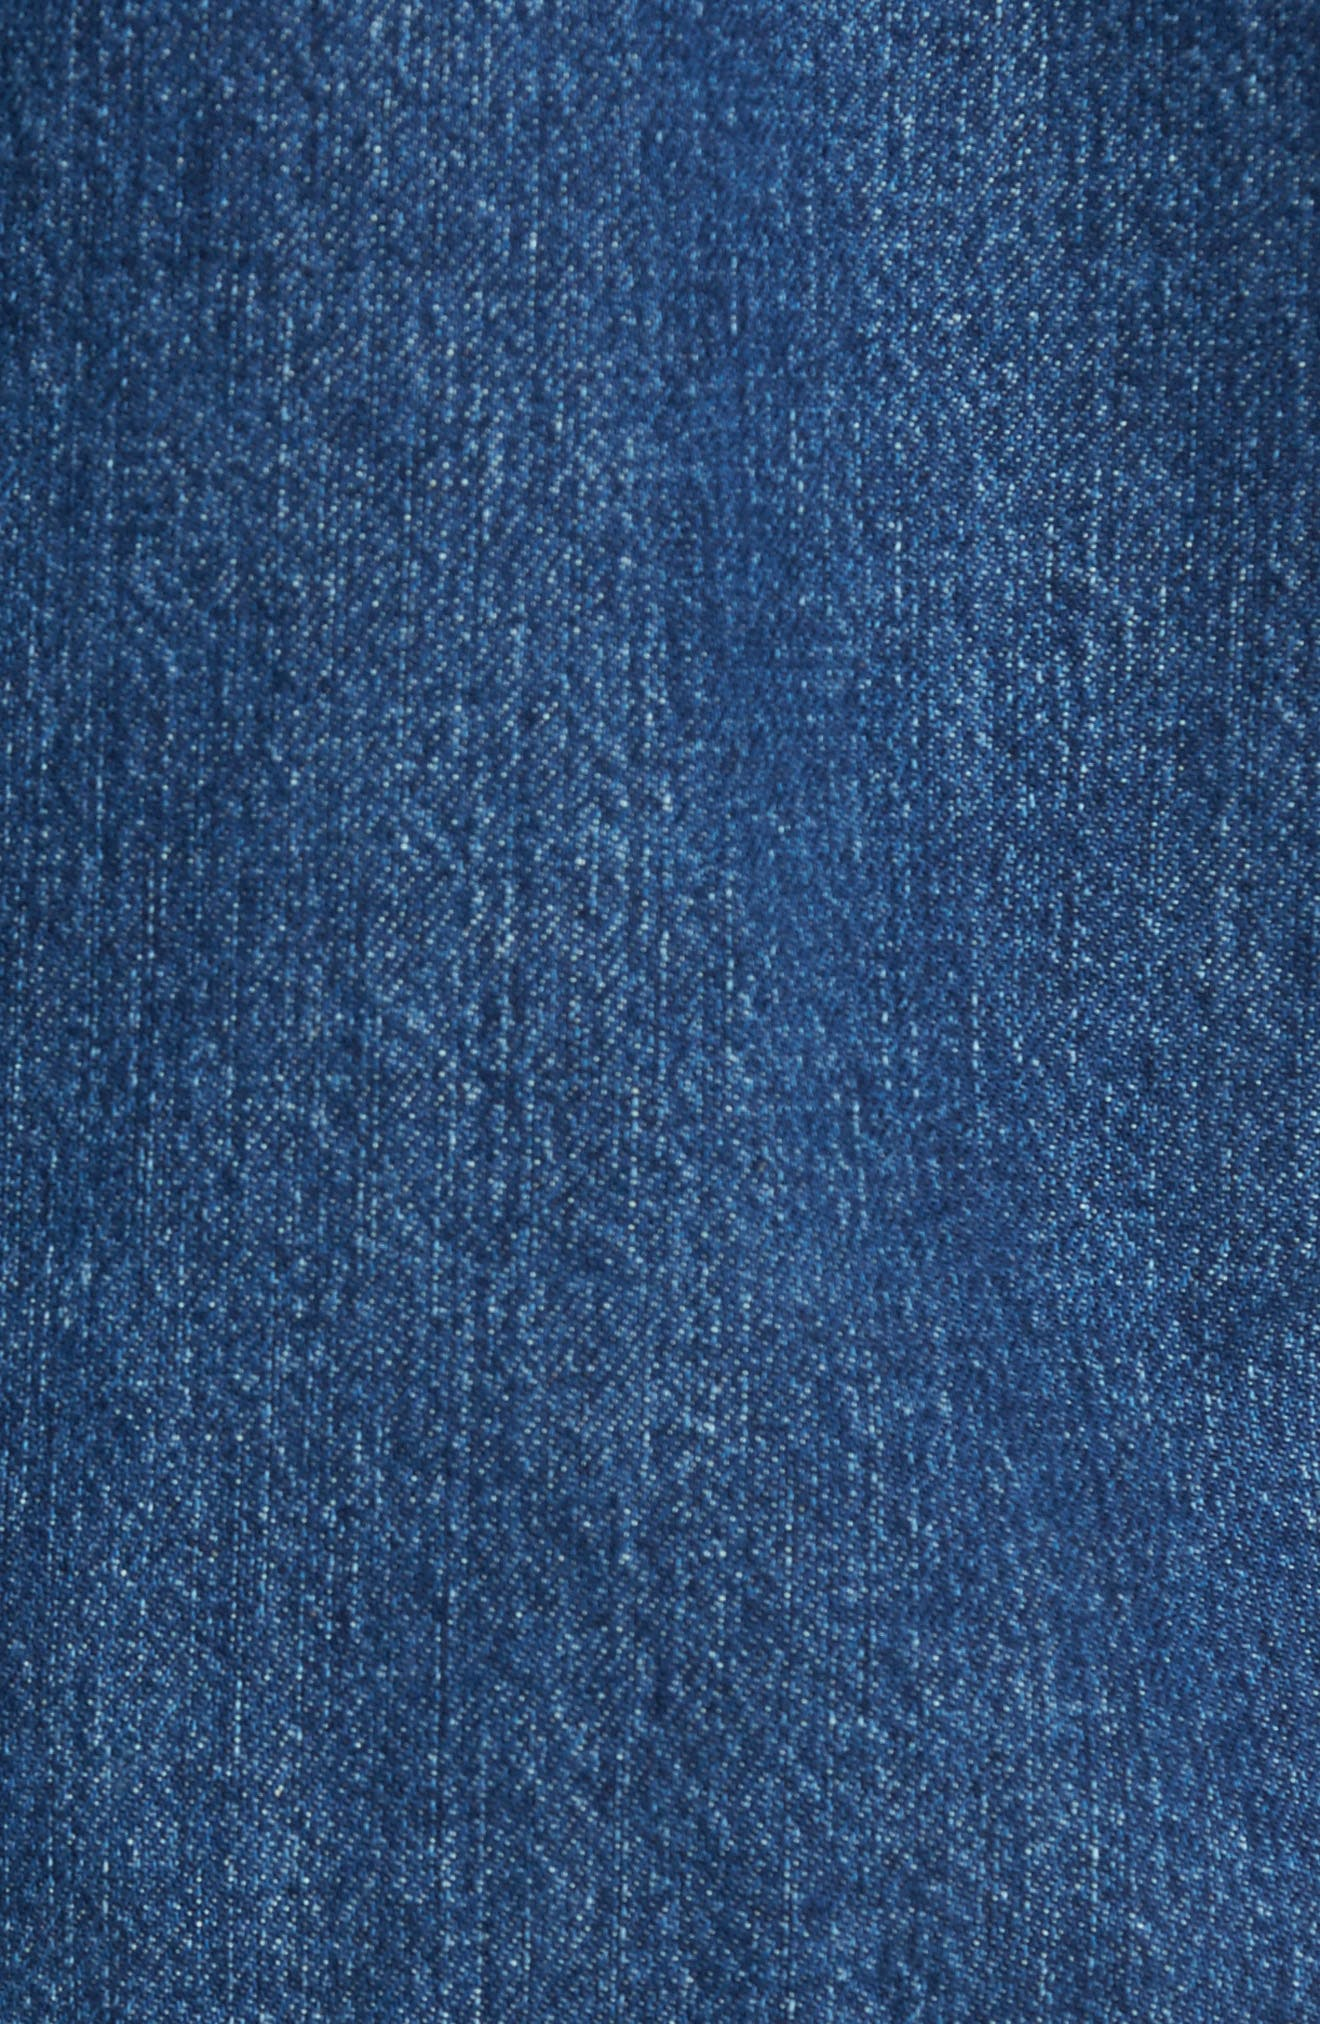 Gorn Denim Jacket,                             Alternate thumbnail 4, color,                             Terebellum